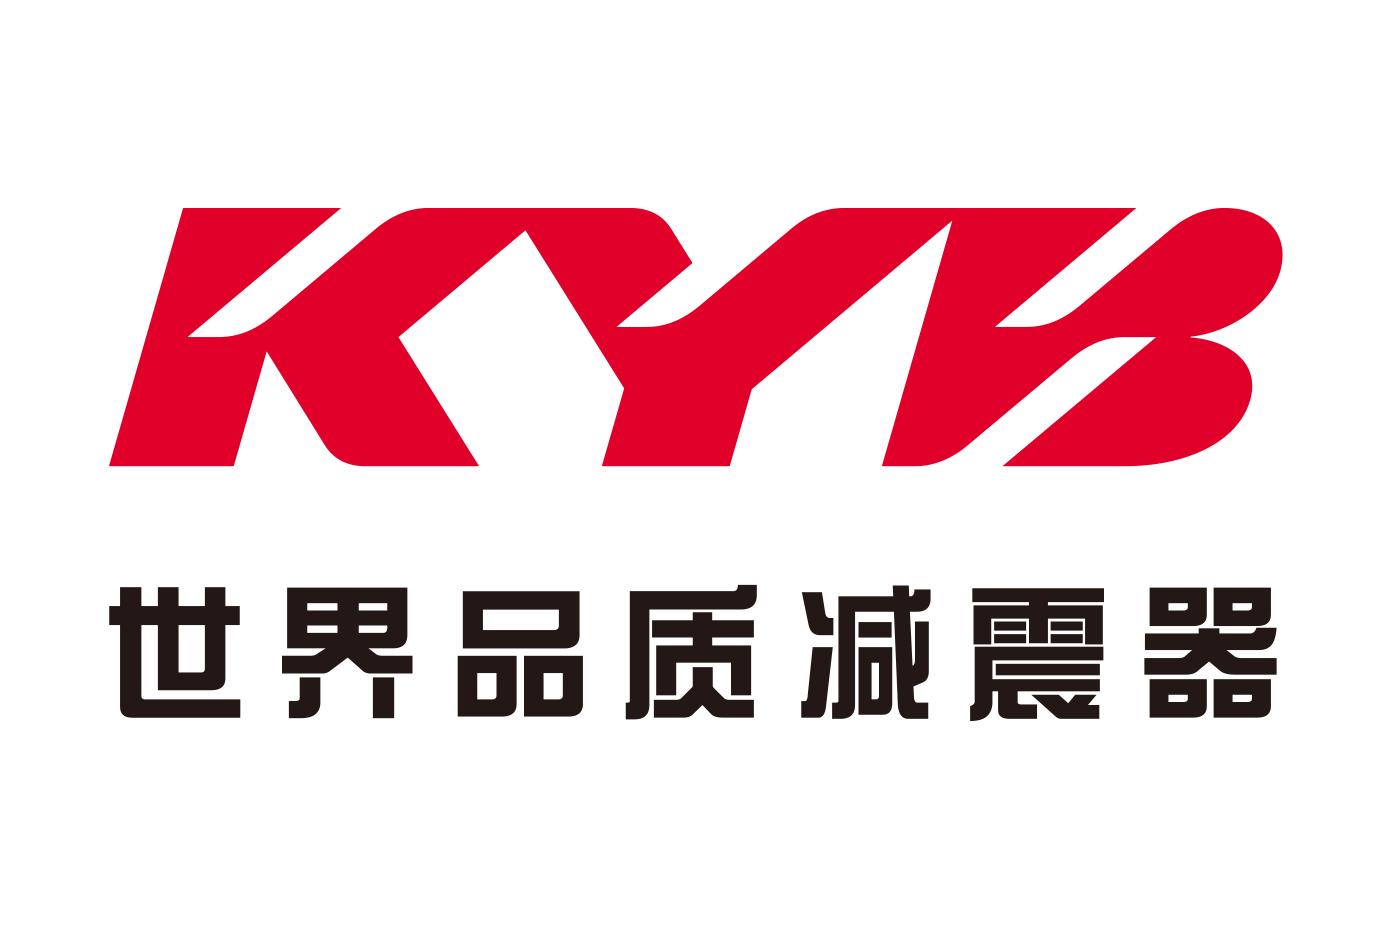 KYB公司成立于1919年。除了避震器之外,其实KYB在全球液压市场都十分有作为准确地说,它是世界上最大的液压设备制造商。在全球范围内设有32家分公司、15个生产基地,主要分布在亚洲、欧洲、北美等地区。从高铁到飞机,从大型工程机械的液压系统到摩天大楼的避震器,KYB无所不在。相比之下,汽车避震反而只是其庞大的业务类型中的一种了(当然占的份额也相当大)。而相对升级用运动型避震器,KYB更多地作为原厂配套件出现。在日本,KYB避震器的配套率高达59%,在世界范围内也达到23%。在中国市场的车型,如丰田